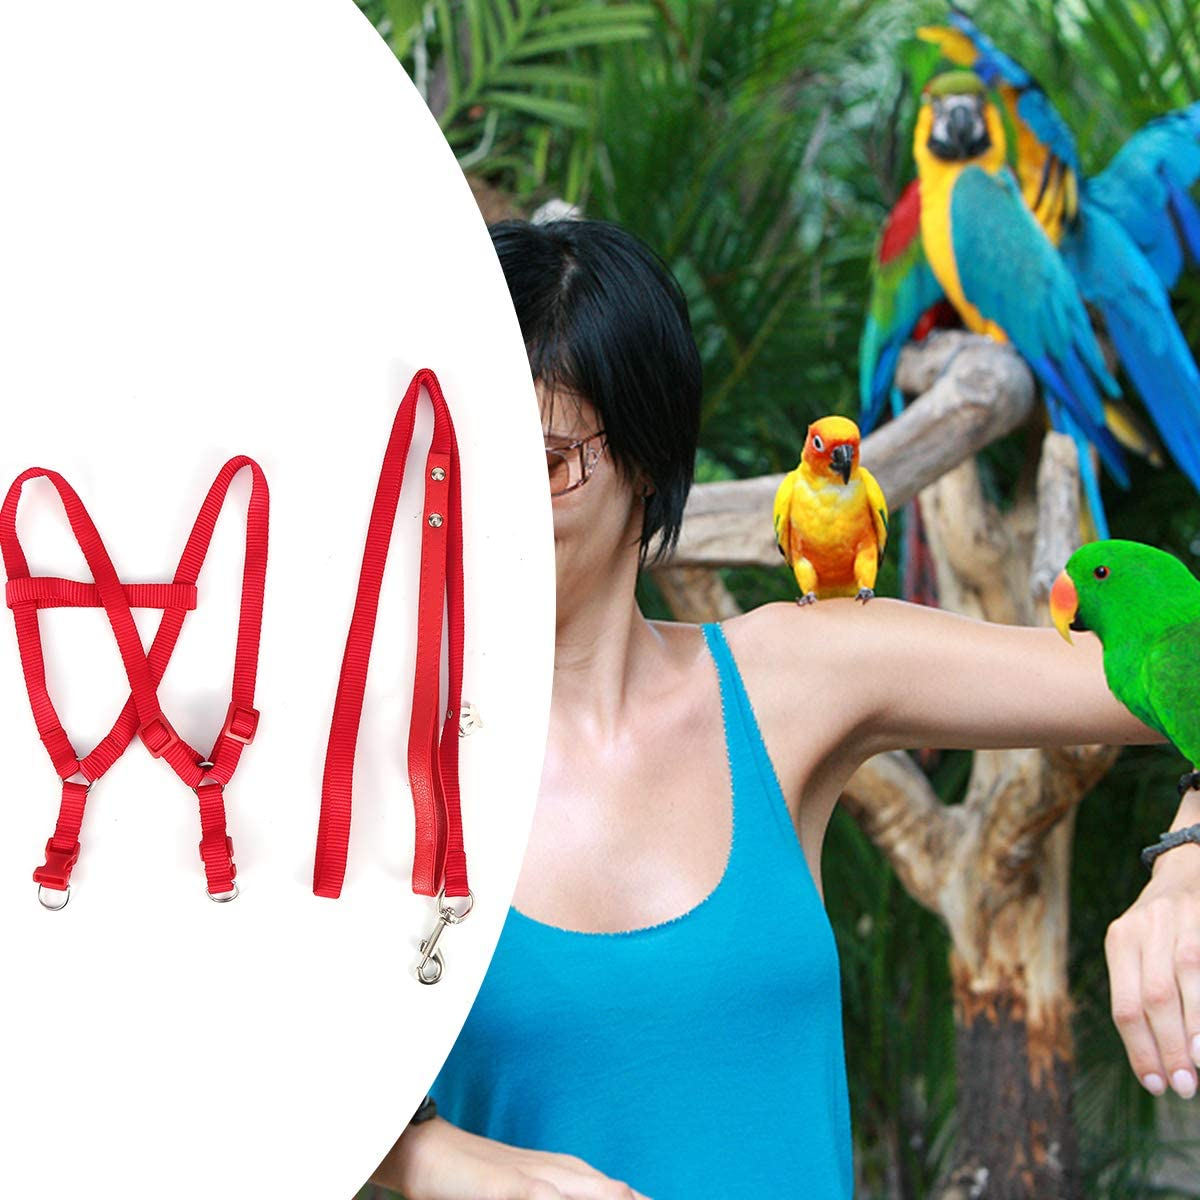 Yunnyp per cacatua guinzaglio regolabile per pappagalli Pettorina per pappagalli